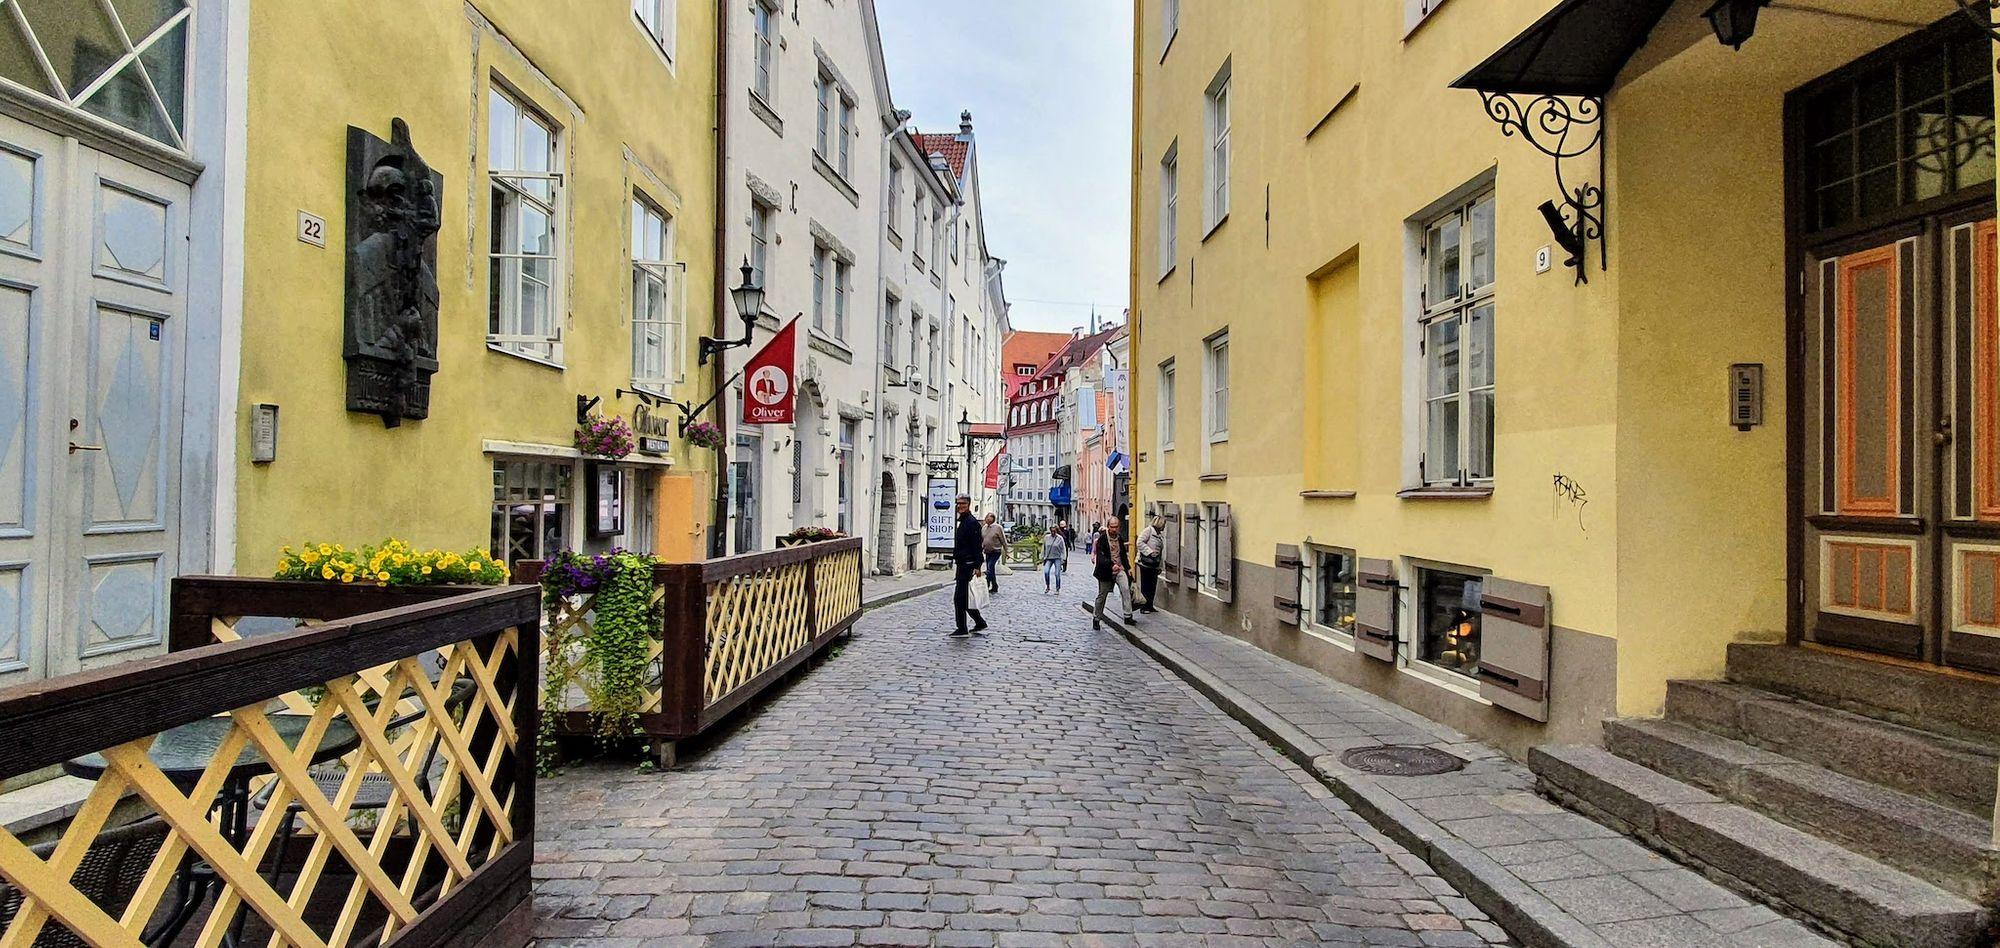 Perdiéndose en la calles de Tallinn